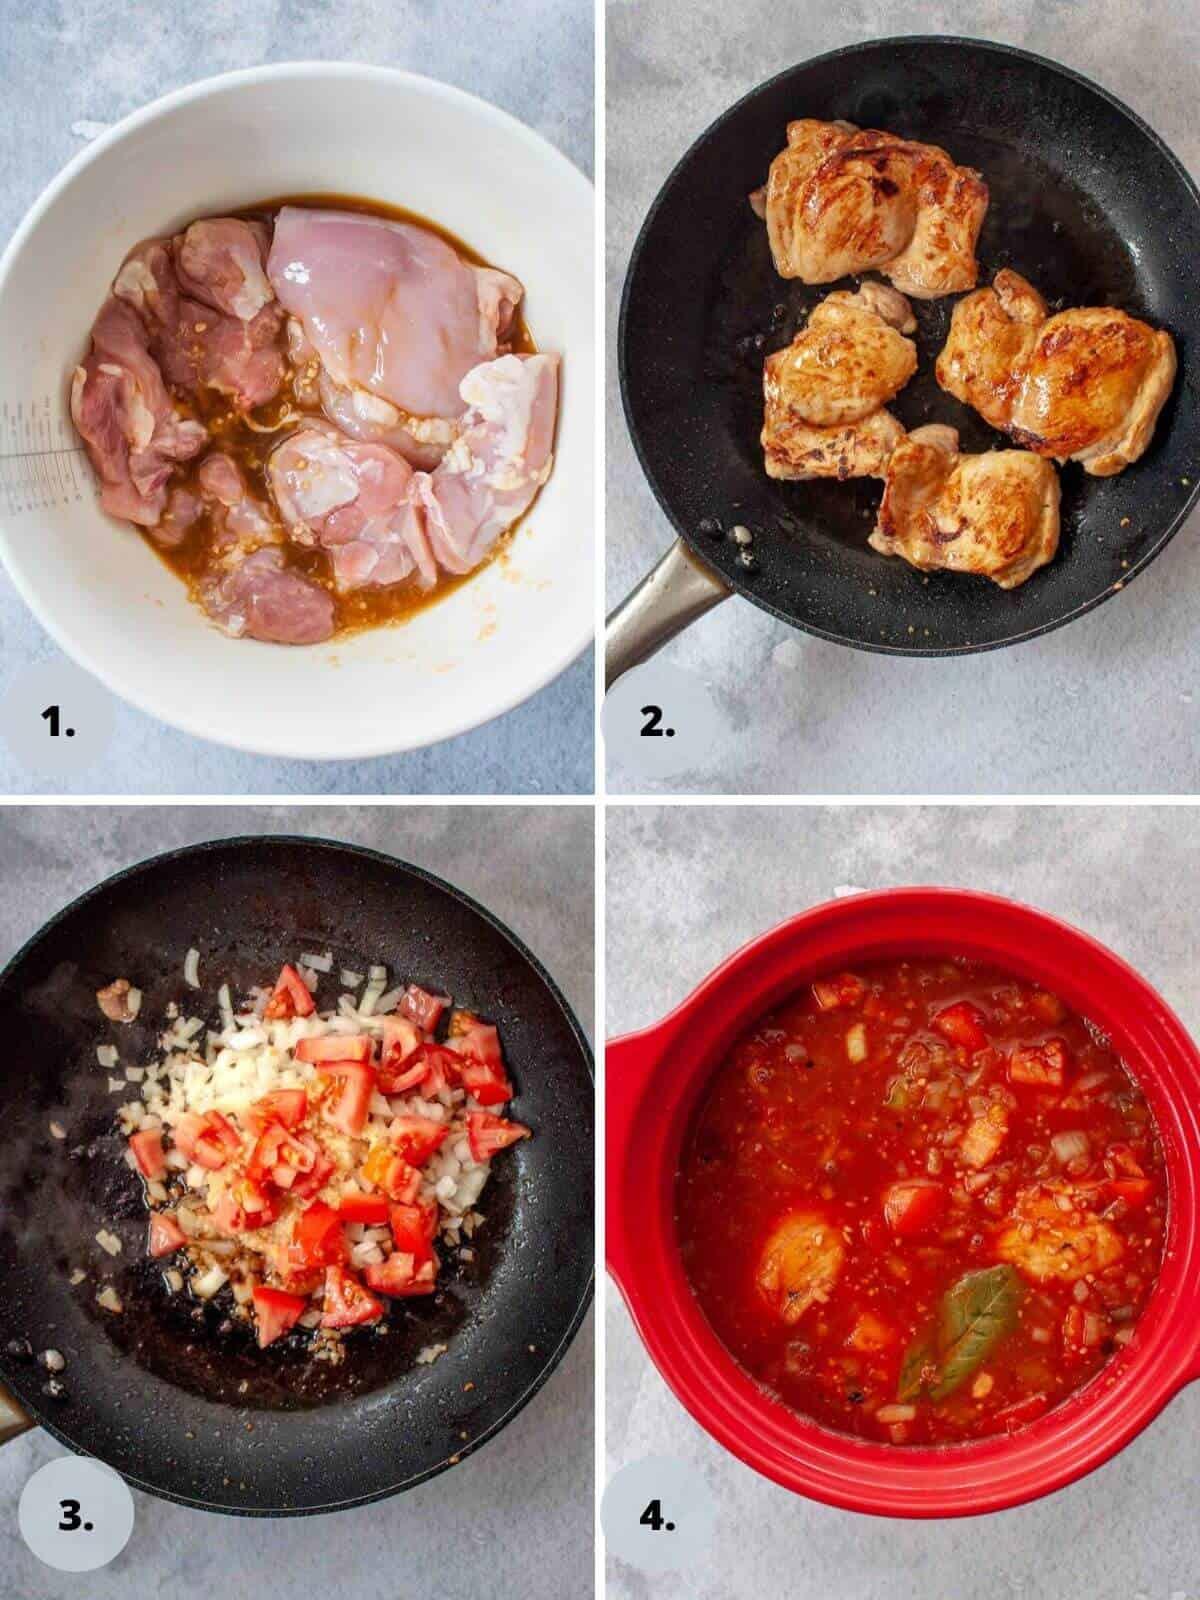 Marinating and browning chicken afritada